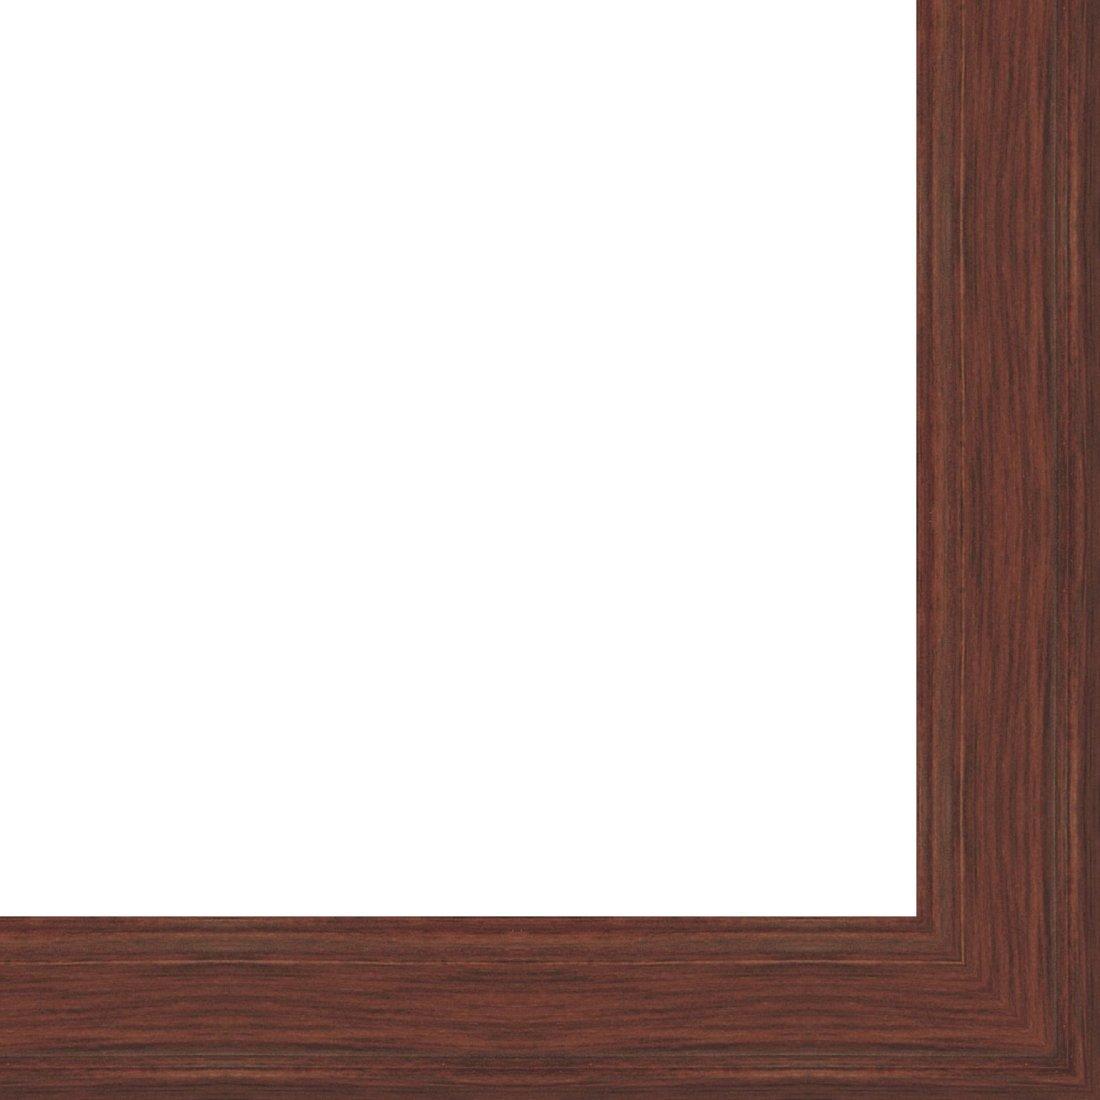 Picture Frame Moulding (Wood) 18ft bundle - Traditional Walnut Finish - 1.5'' width - 1/2'' rabbet depth